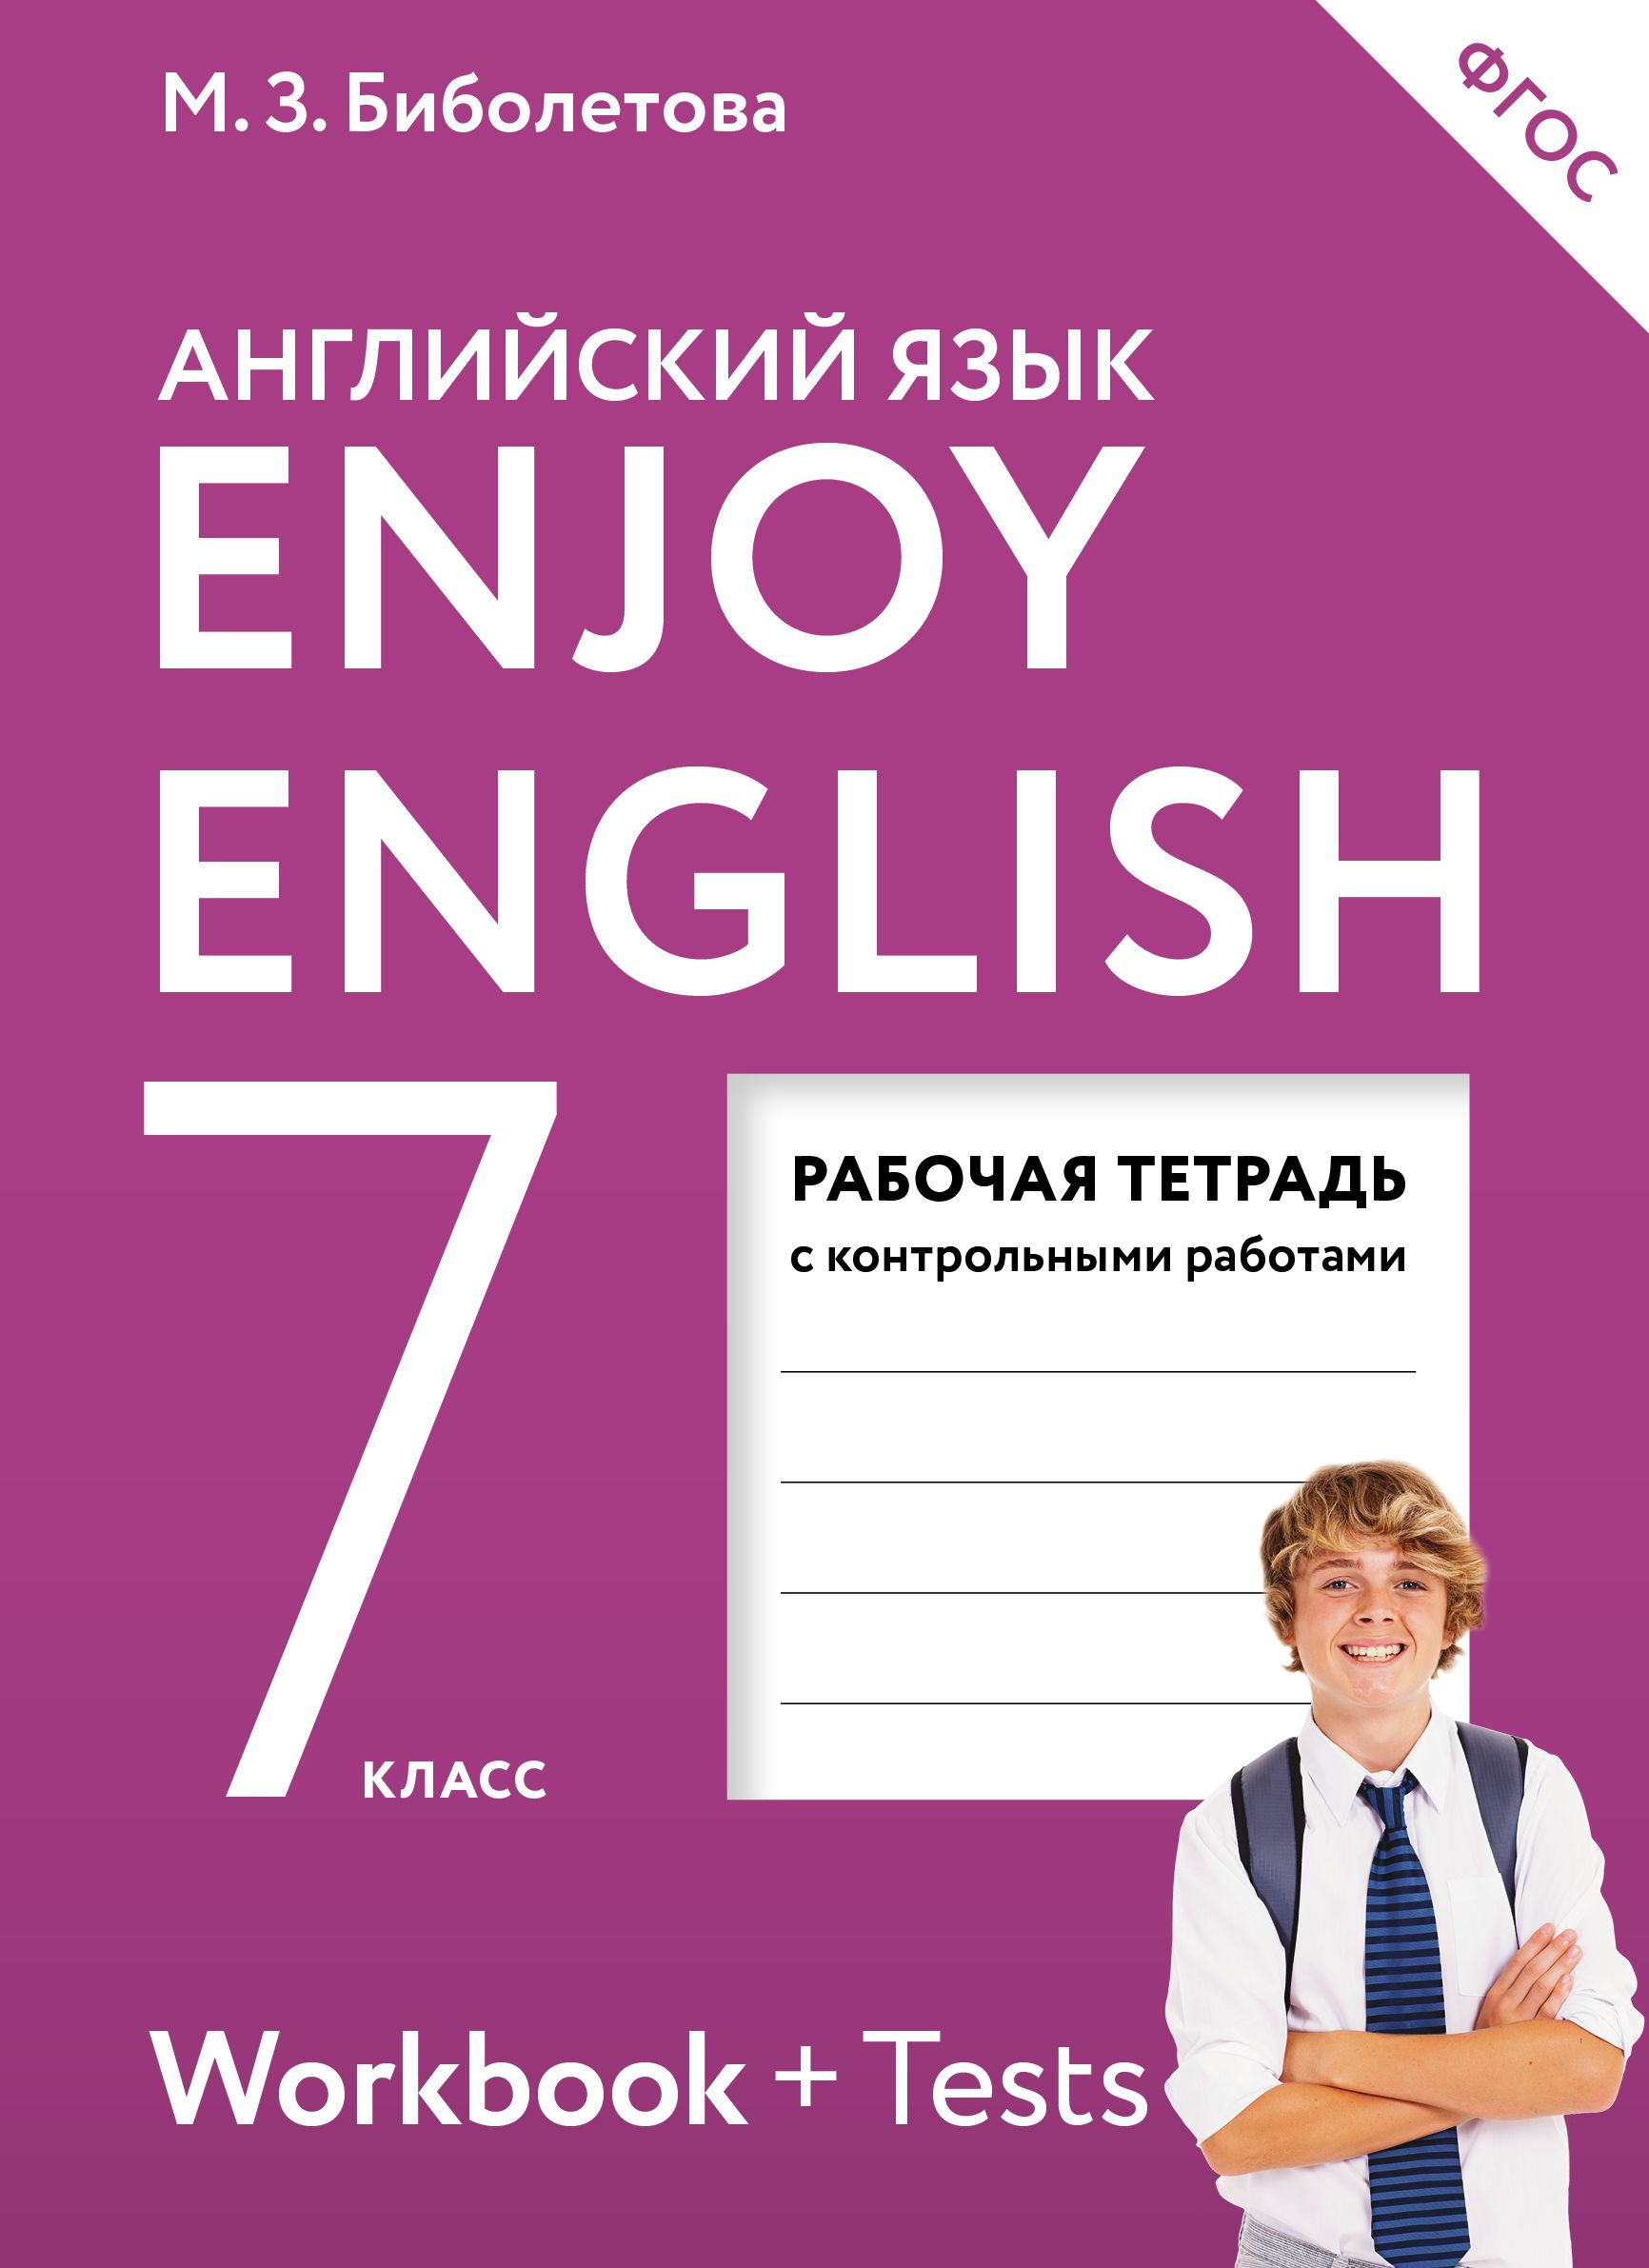 Гдз по английскому языку 7 класса биболетова бесплатно по рабоей тетради